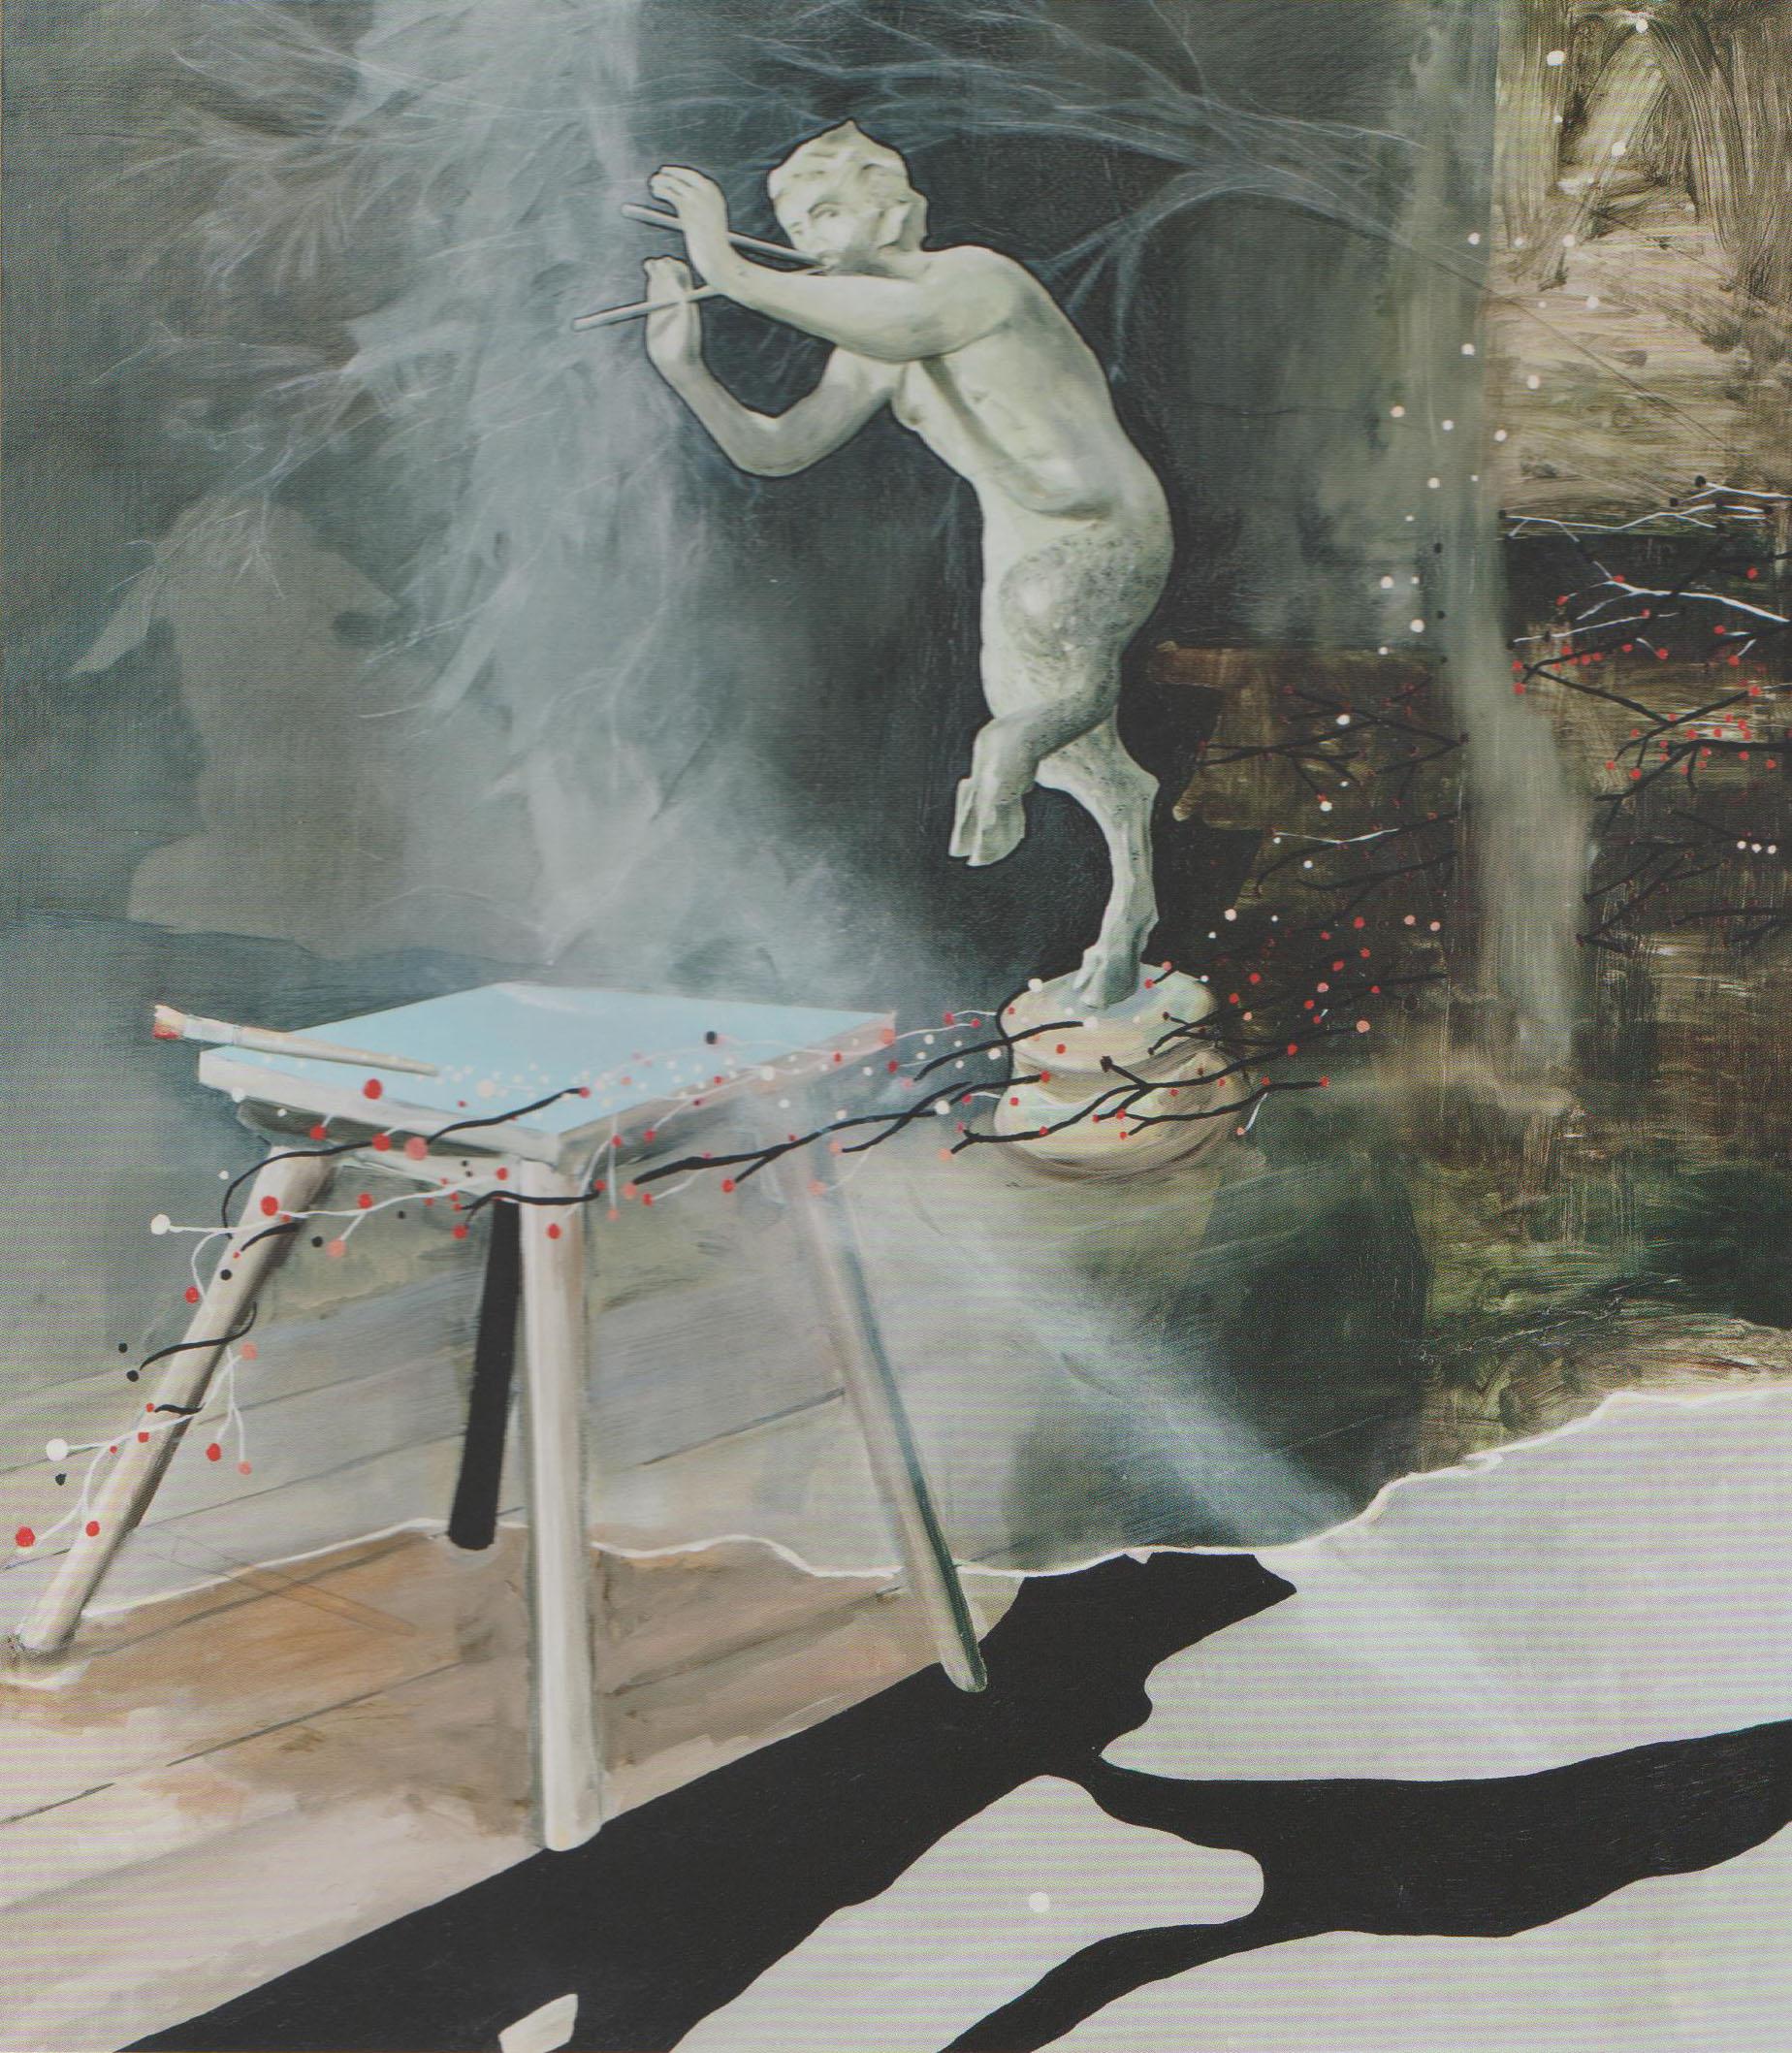 Atelier, ein Übergang, 2008 oil on canvas 155x135cm